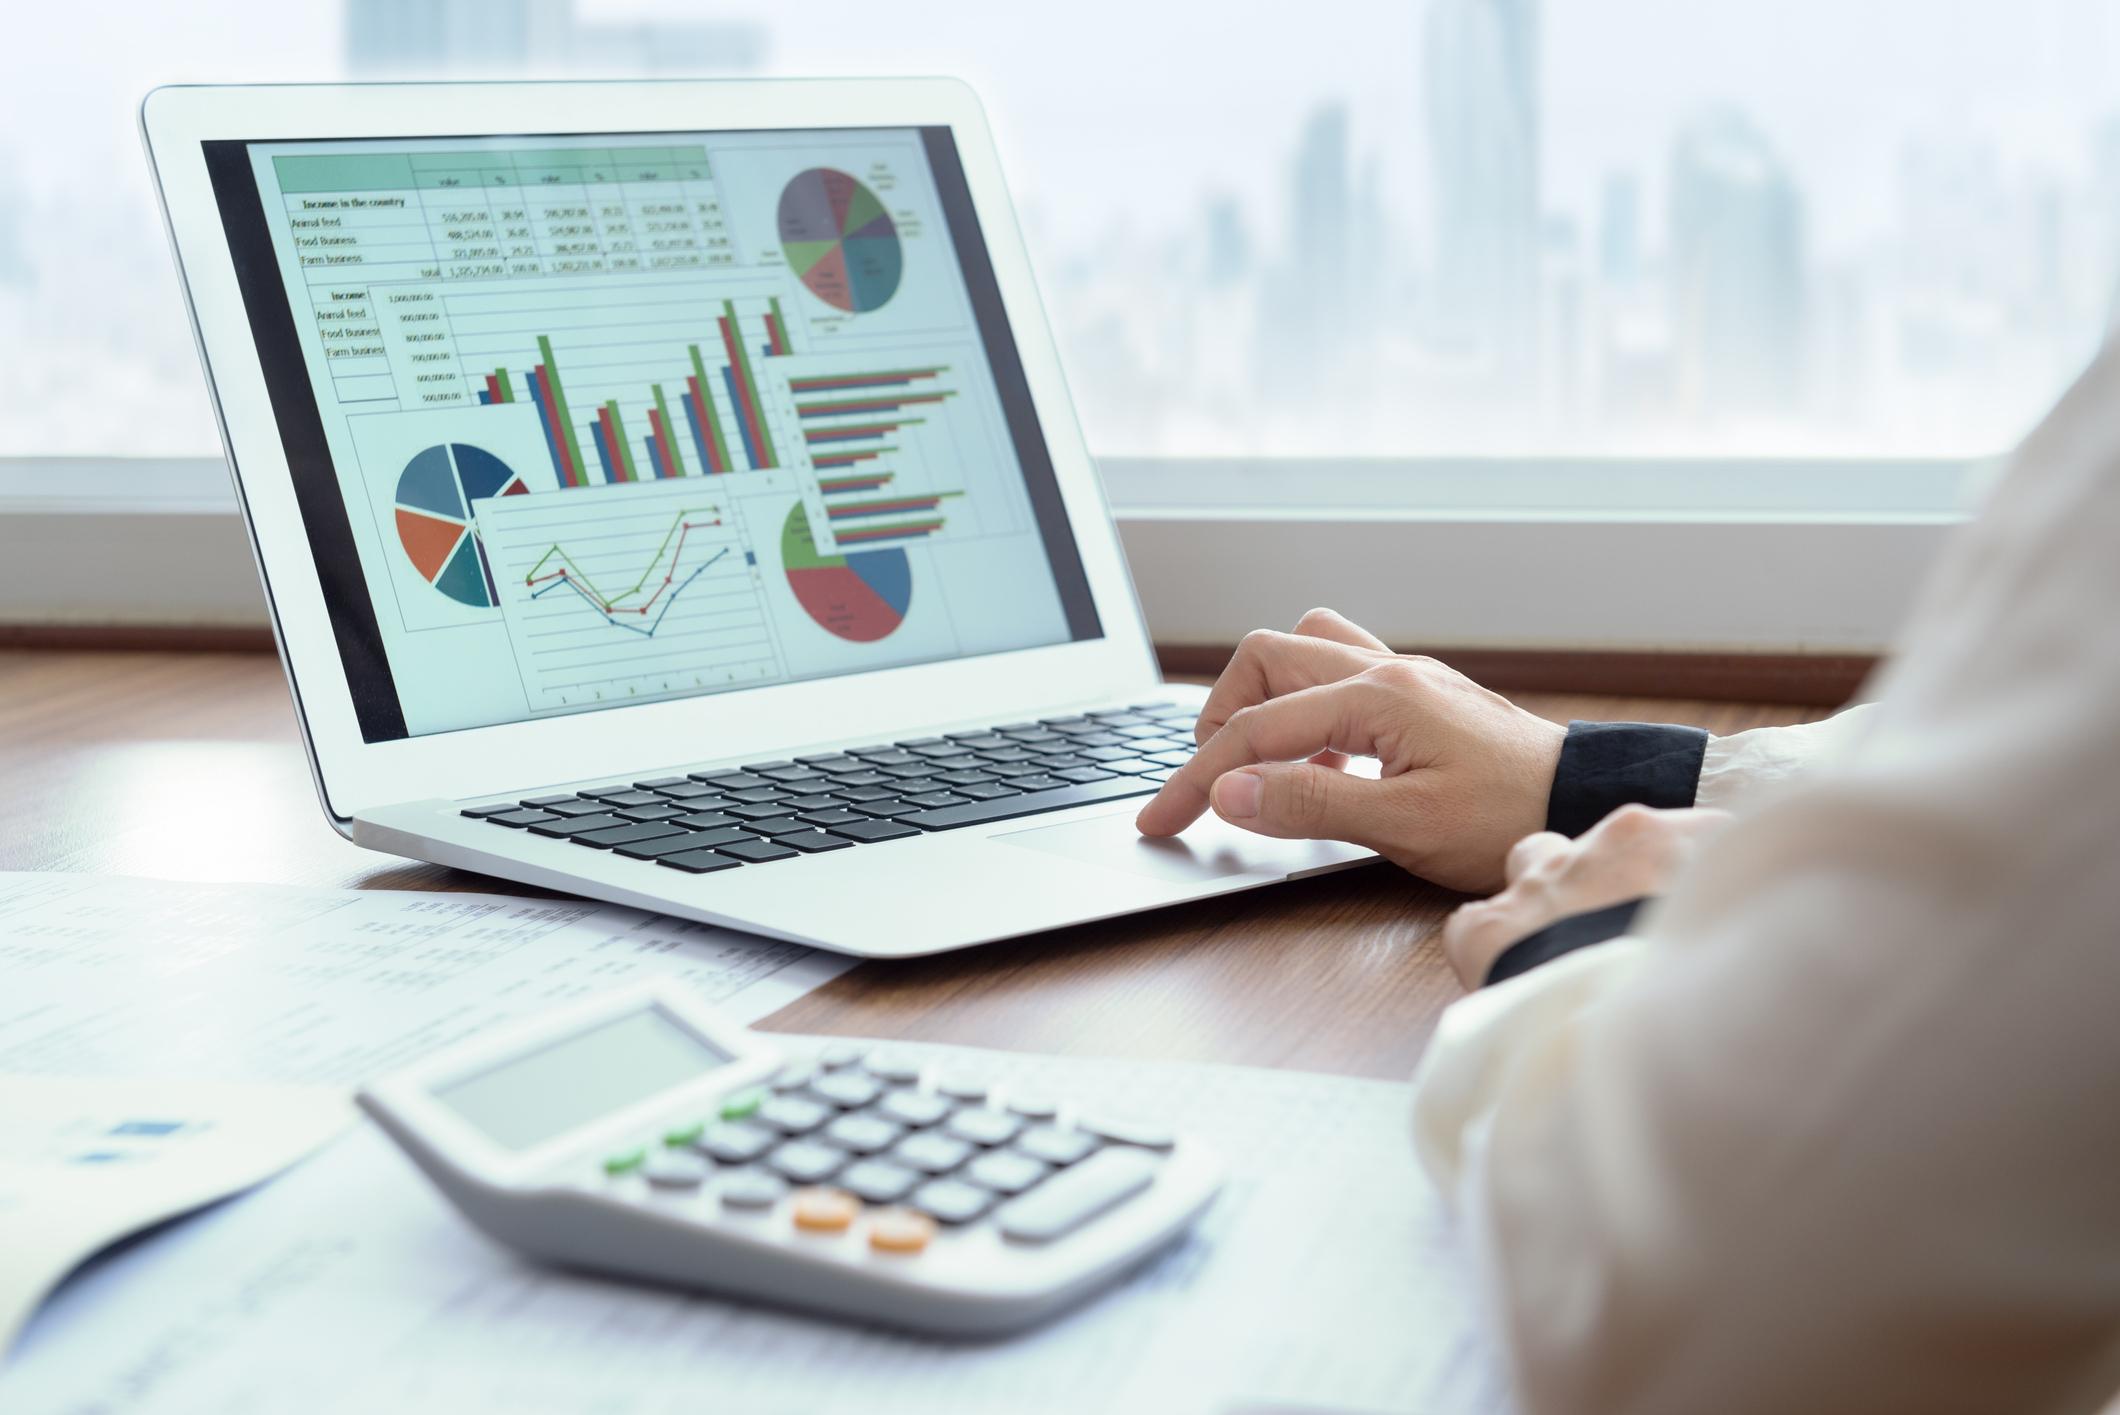 Claves de la productividad empresarial